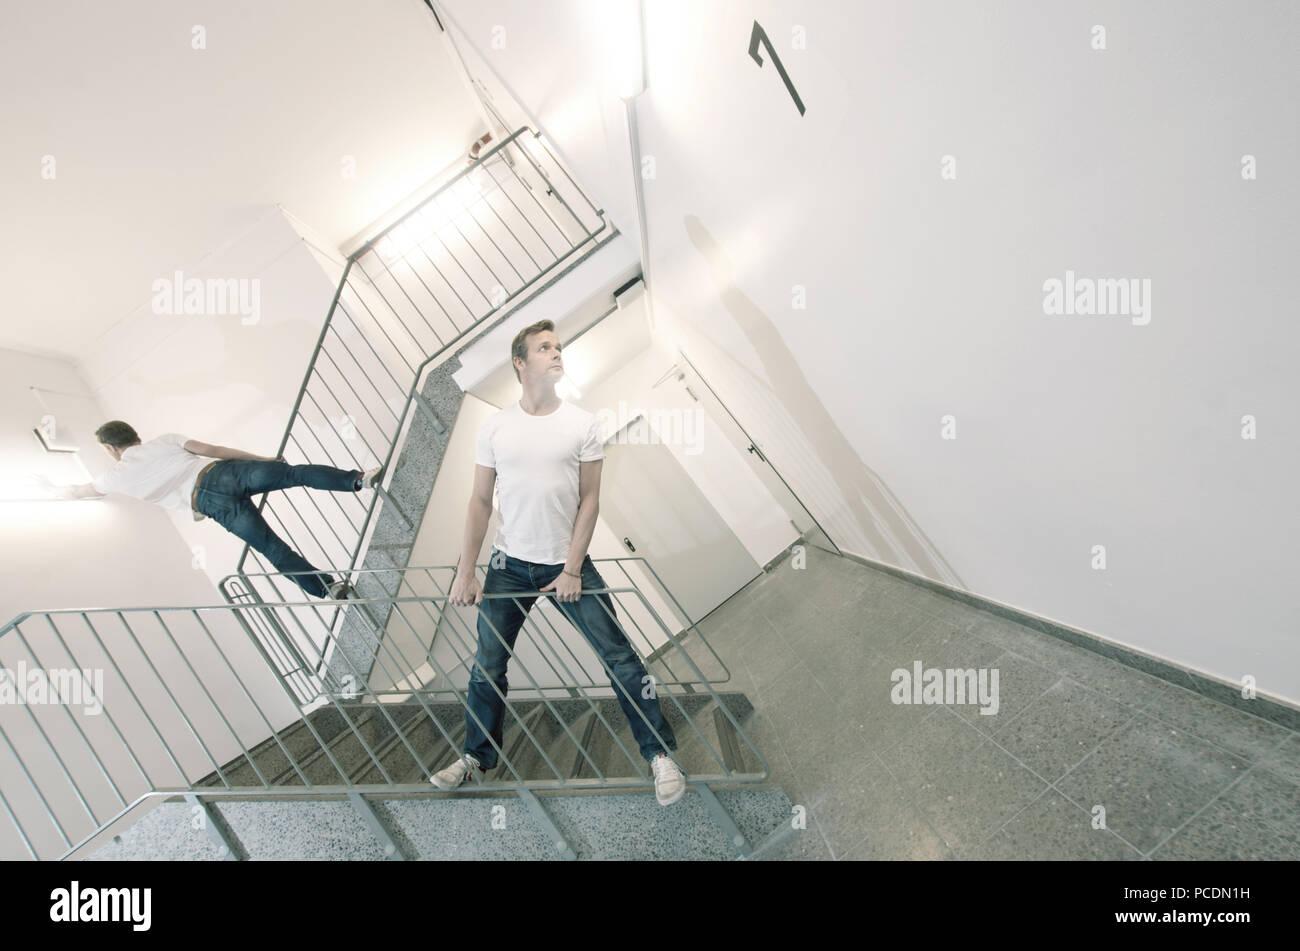 man,perspective,stairway,corridor - Stock Image